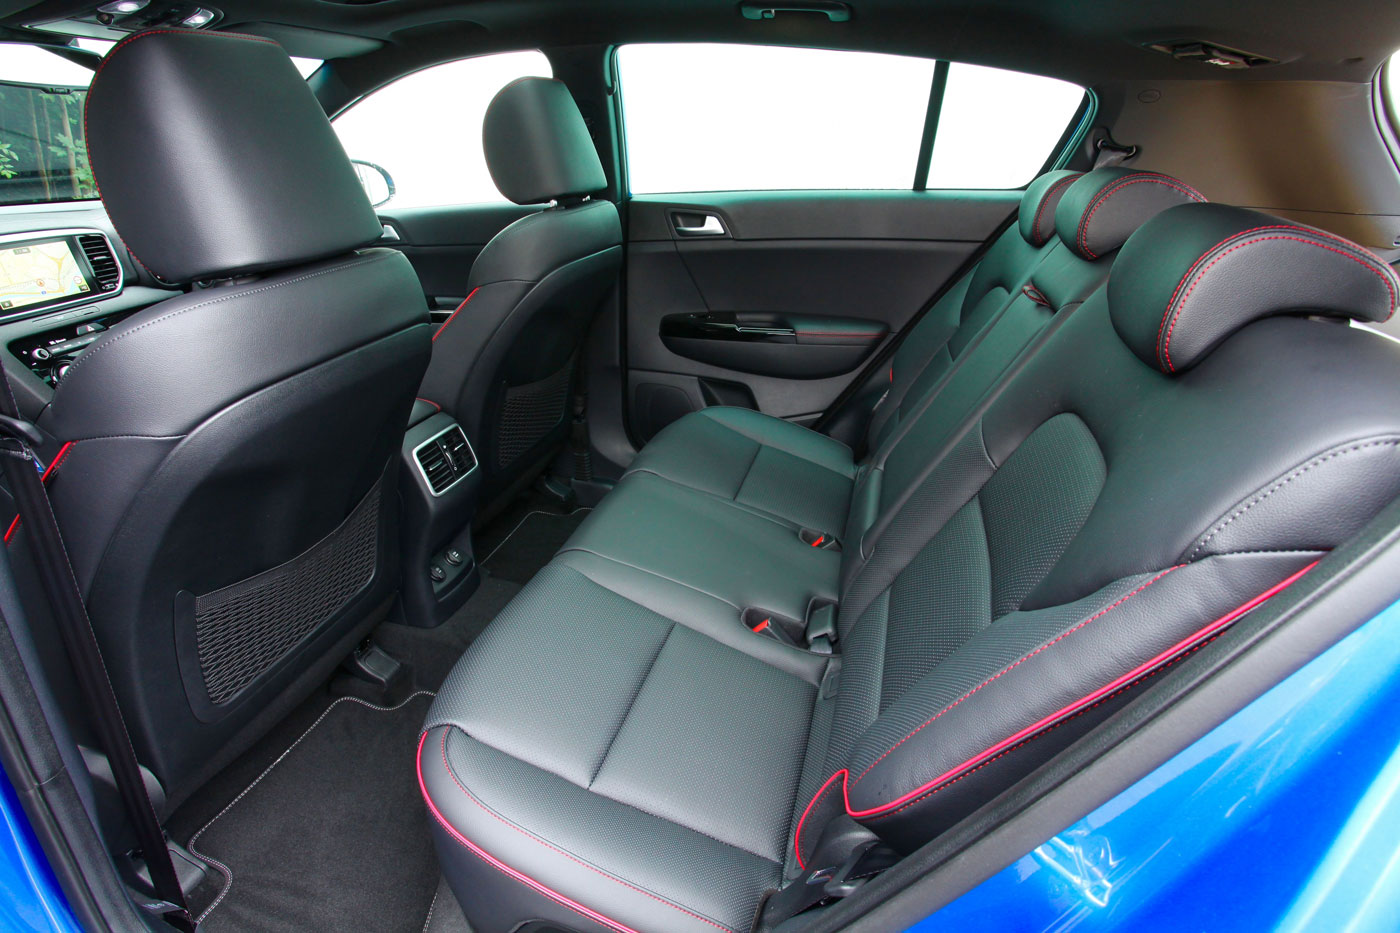 Review: KIA SPORTAGE 'GT-LINE S' 2.0 CRDi 48V 8-speed auto ISG AWD 9